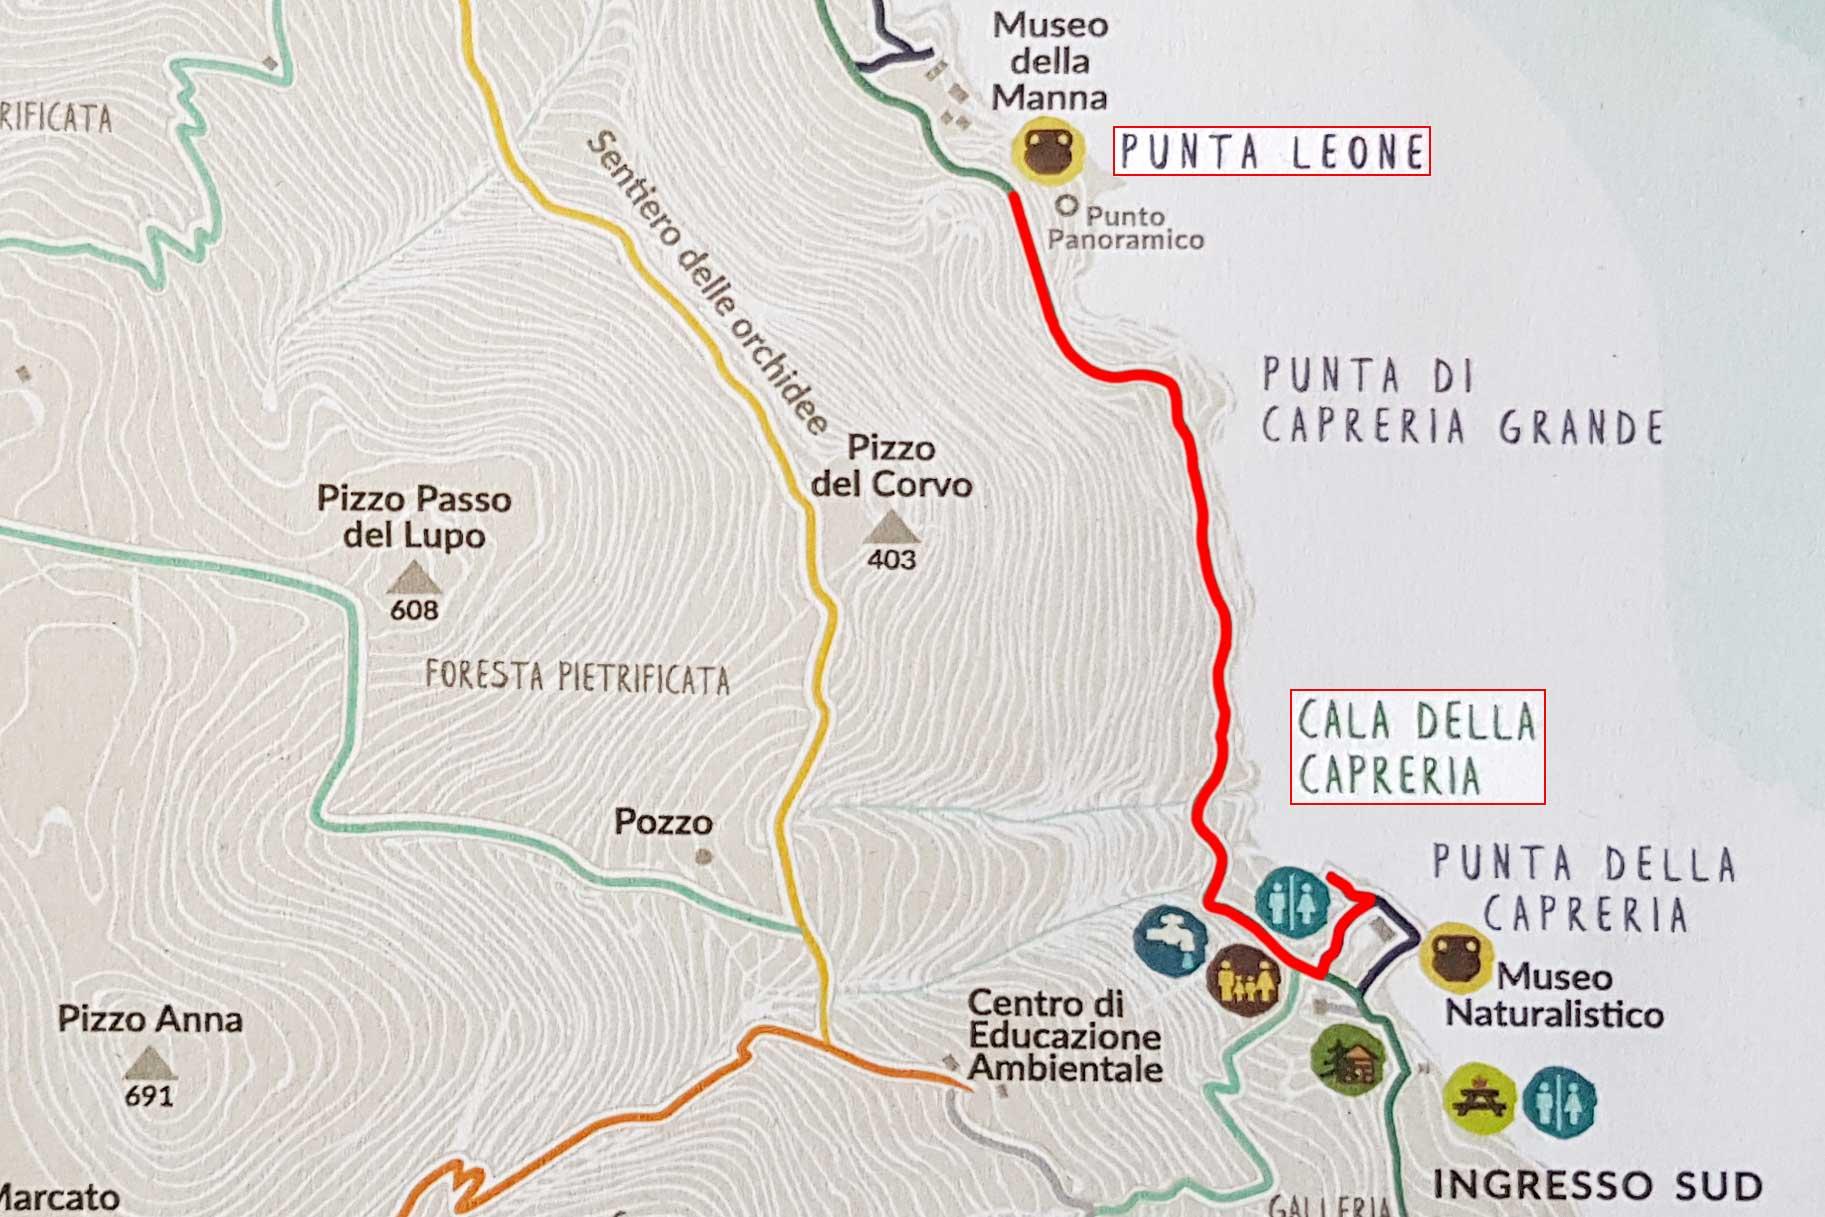 Van de Cala della Capreria naar Punta Leone